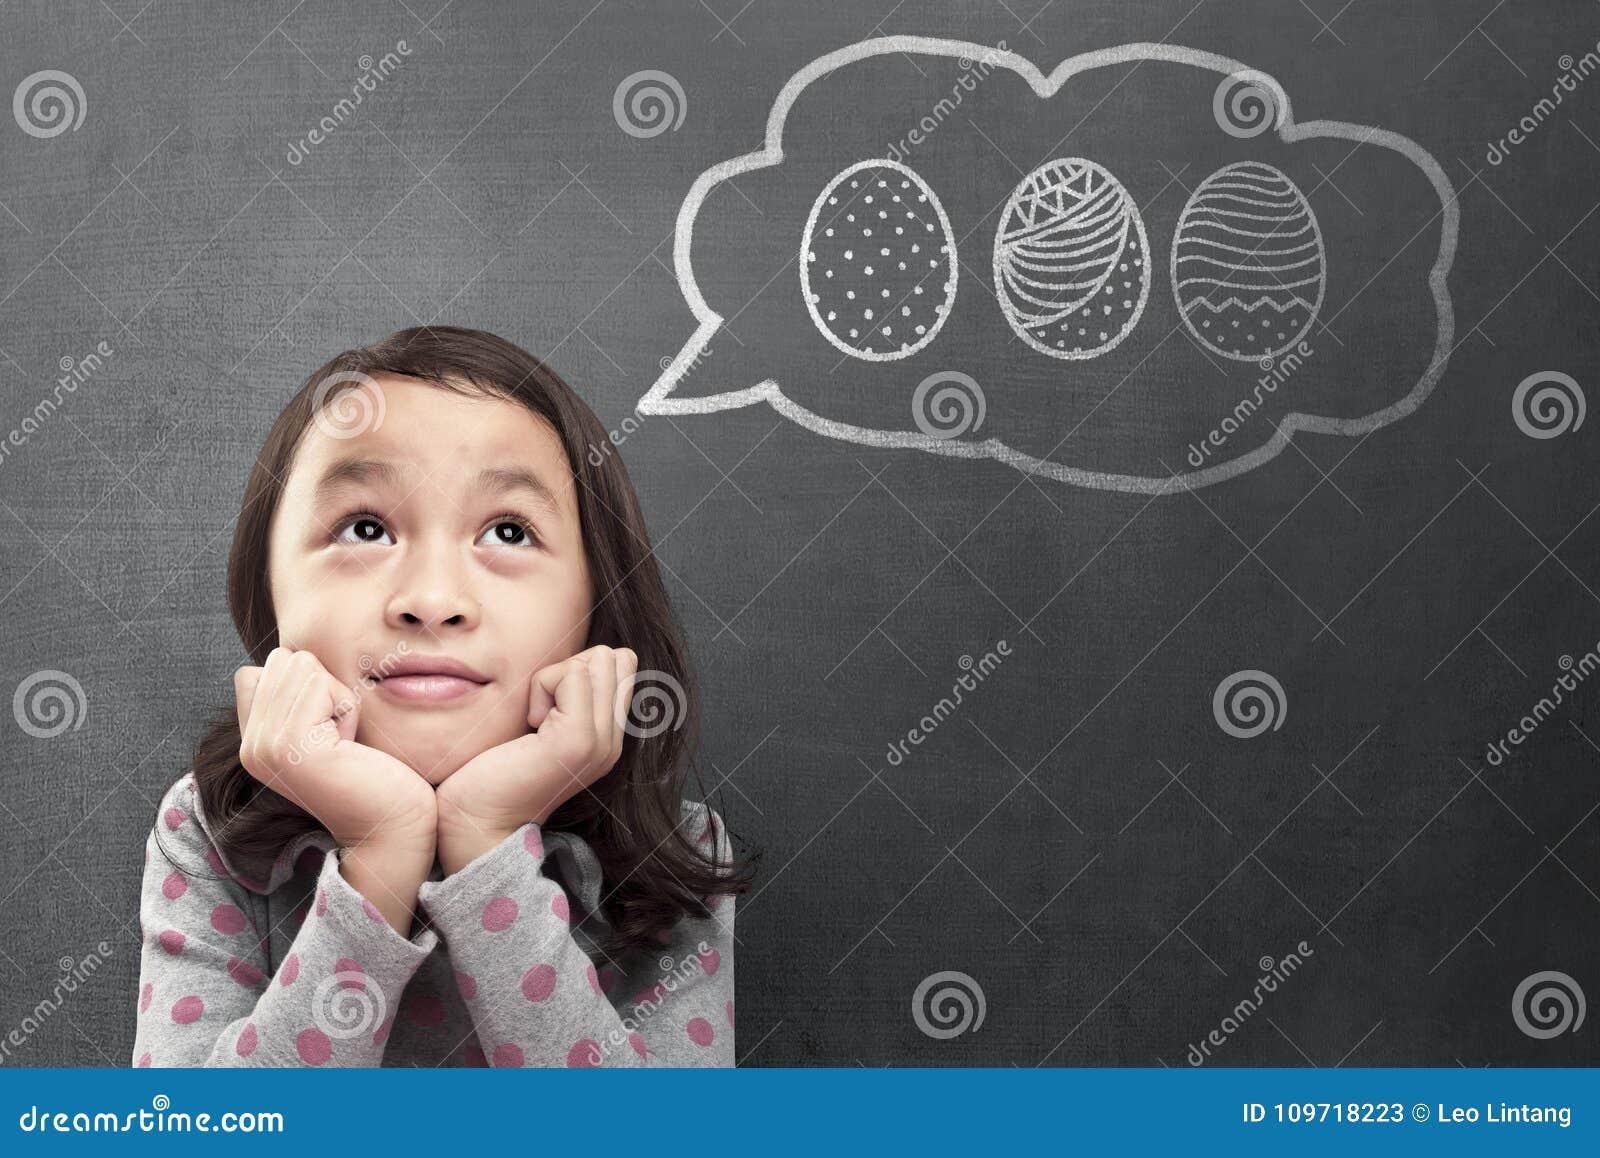 Petite fille asiatique heureuse rêvant de chasser des oeufs de pâques